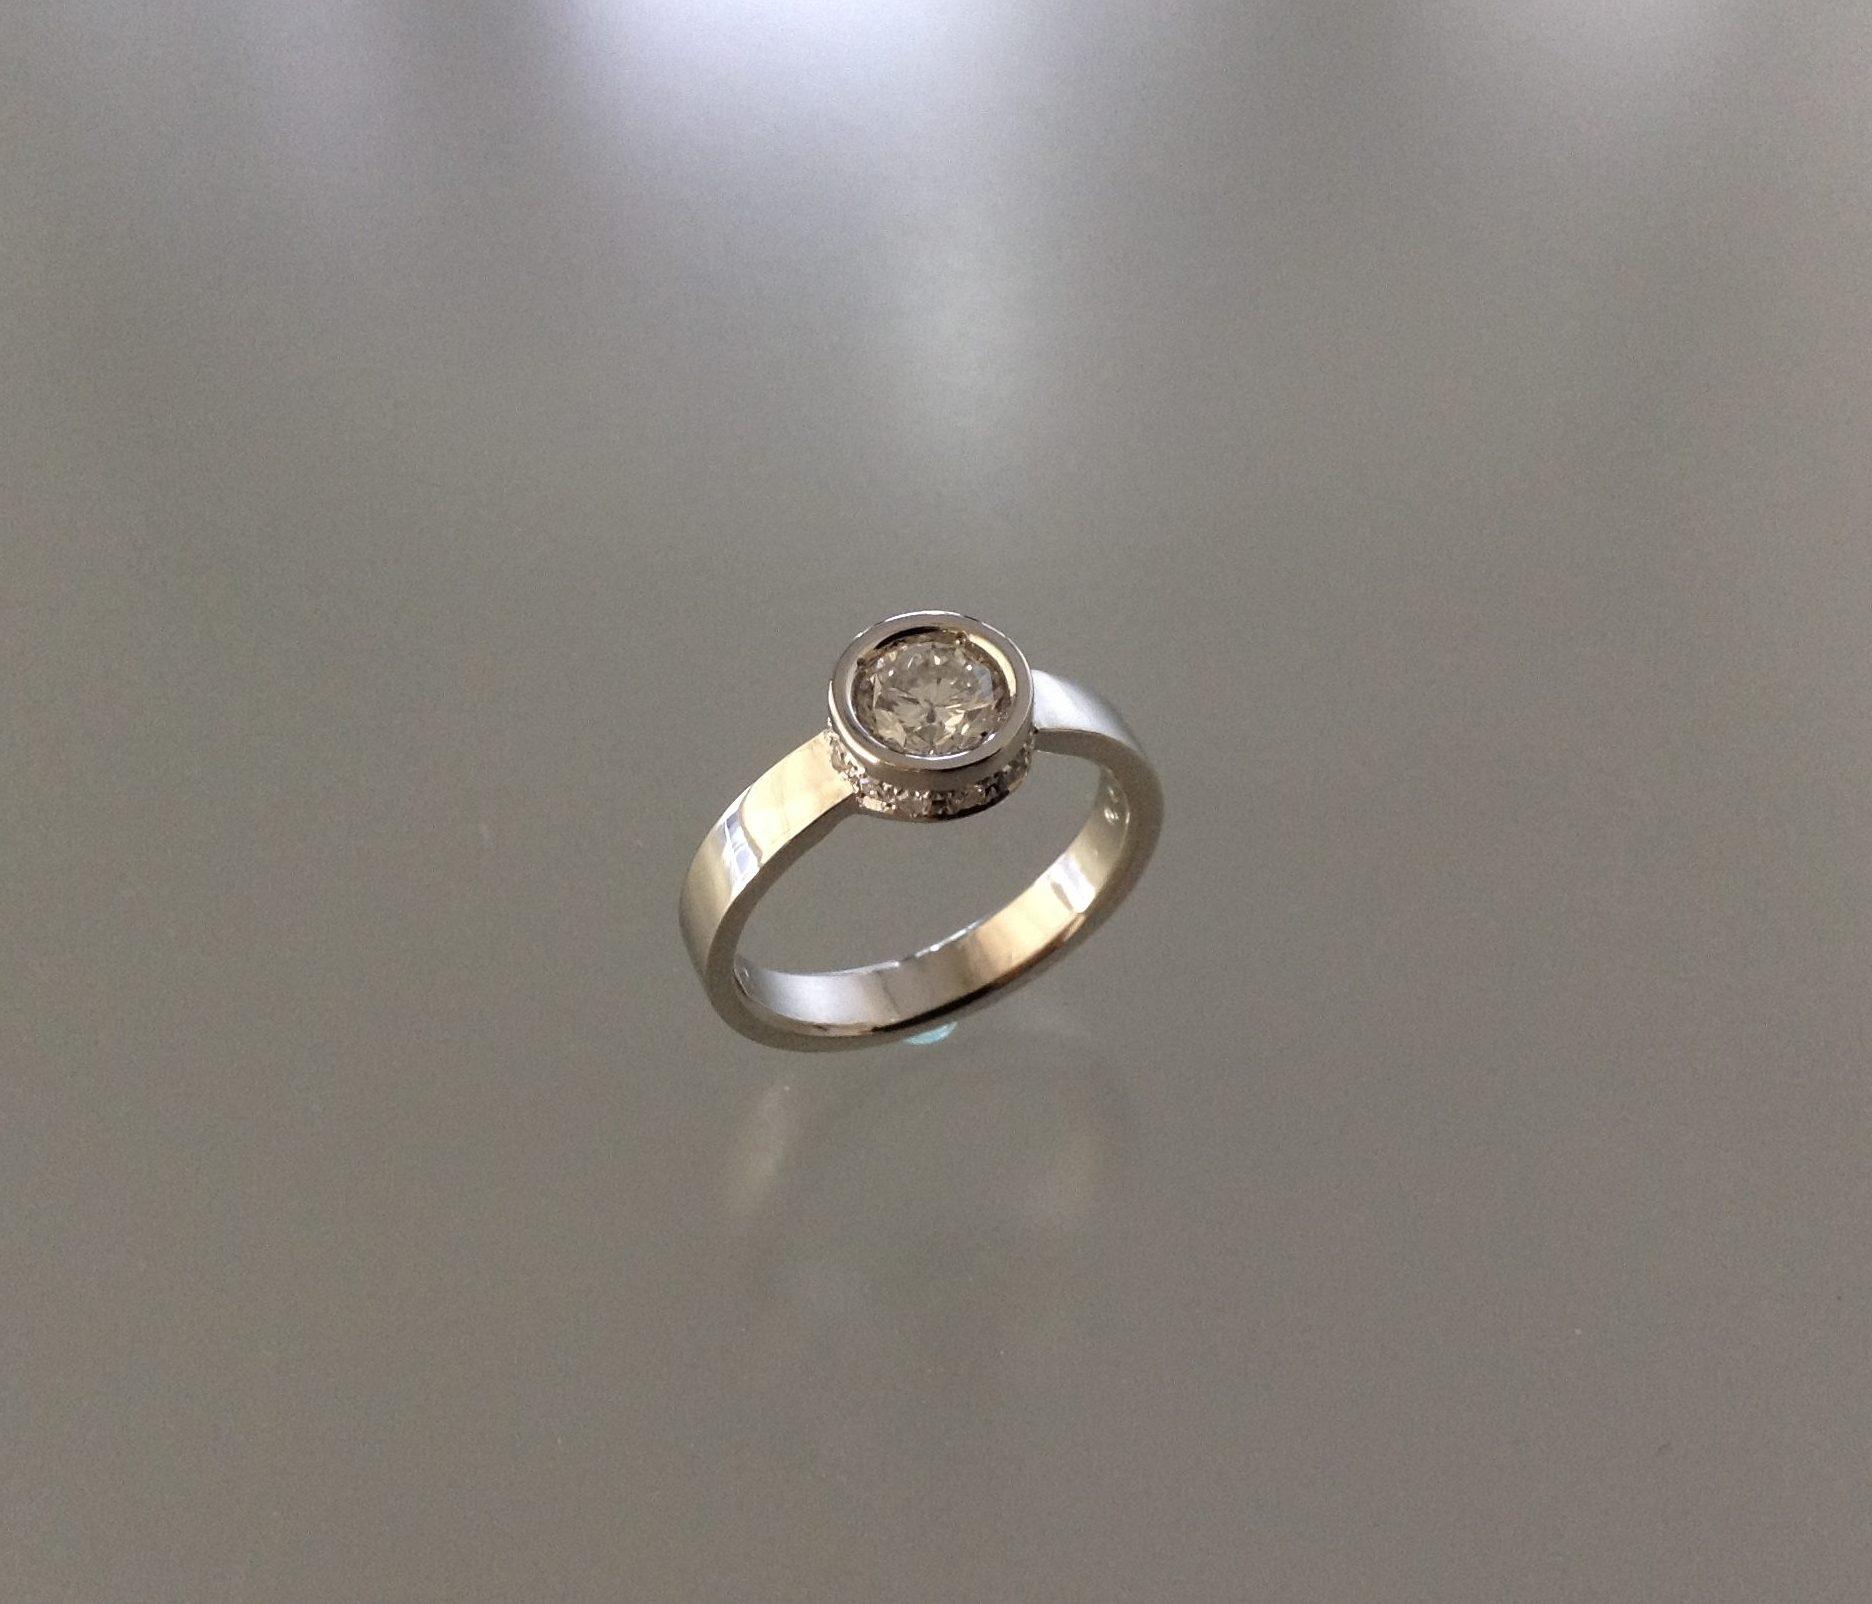 一粒ネックレスからダイアモンドが最大限に輝くリングにリモデル